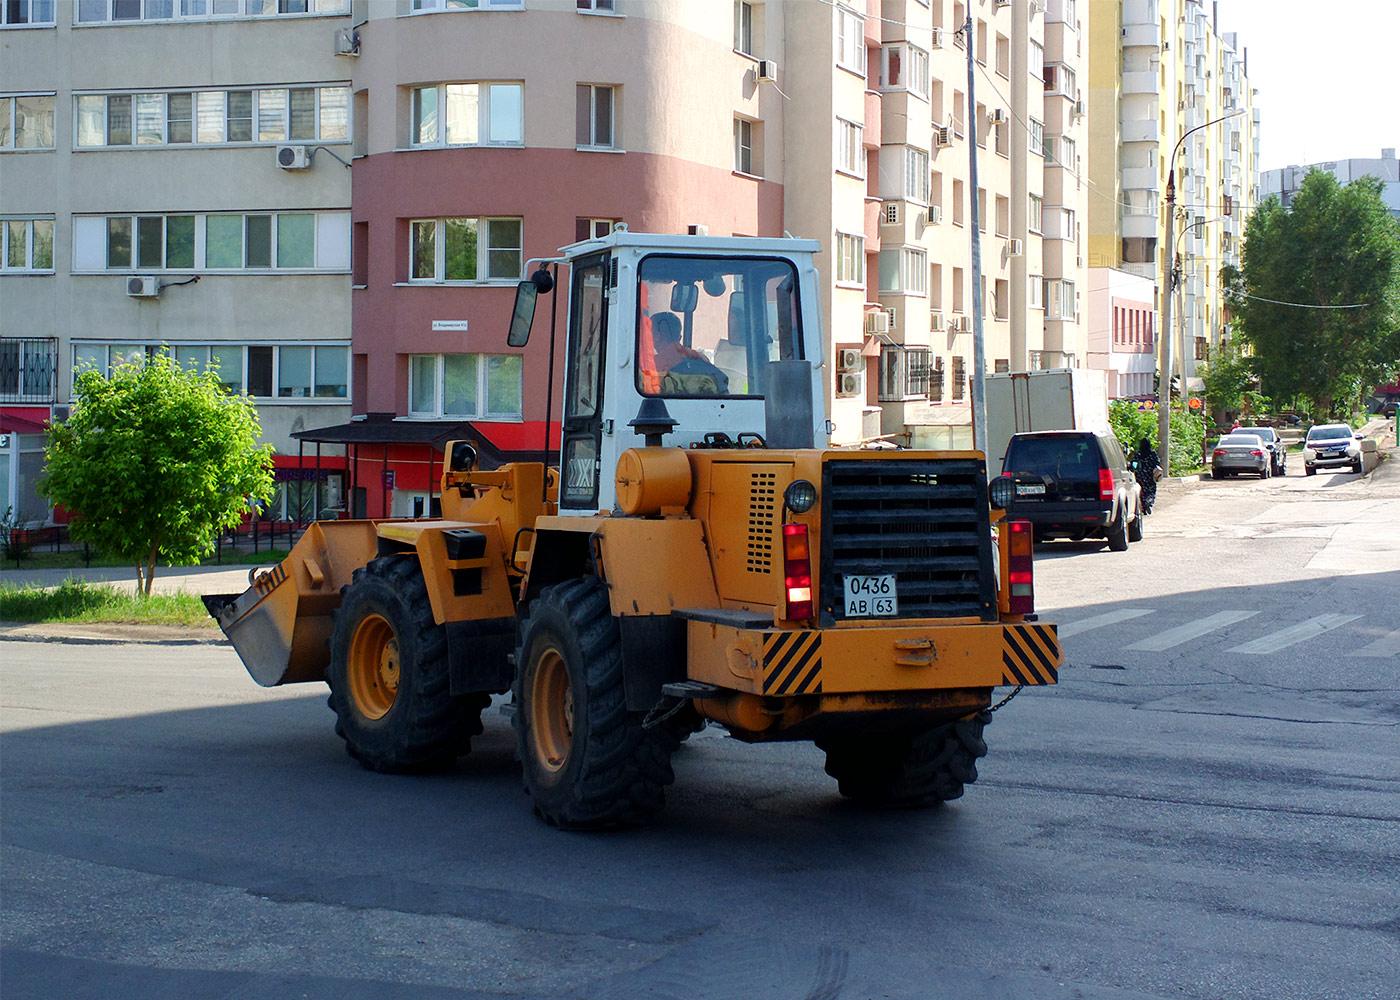 Фронтальный погрузчик Амкодор-342В #0436АВ63. г. Самара, ул. Урицкого